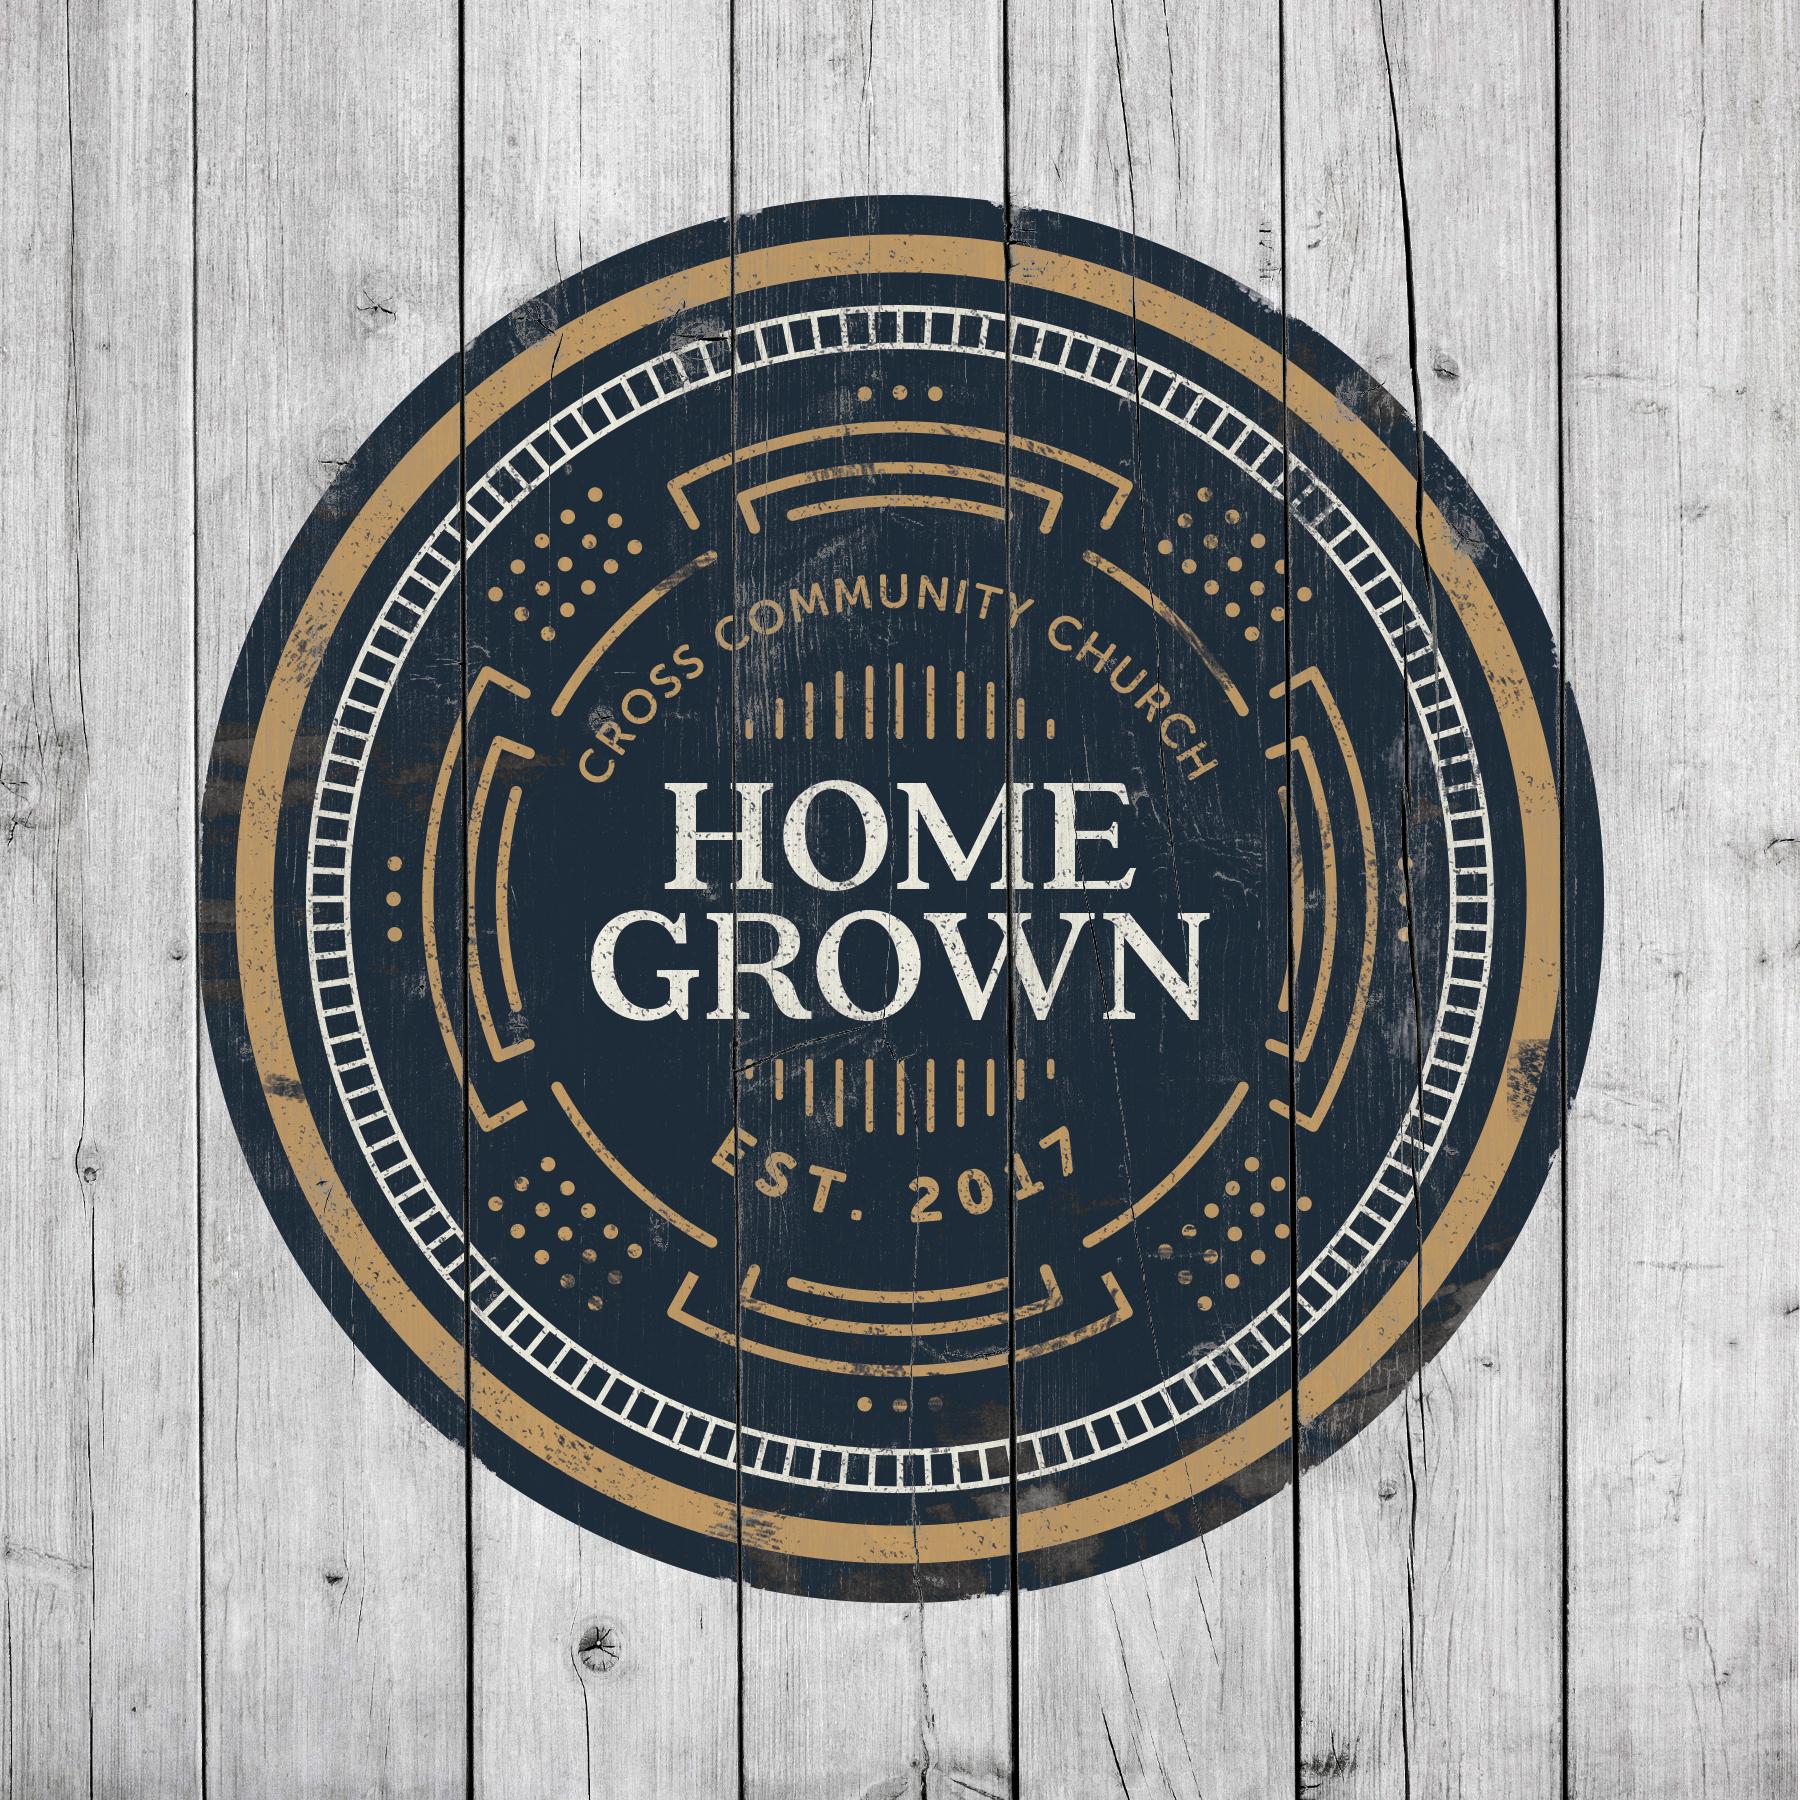 Homegrown4.jpg